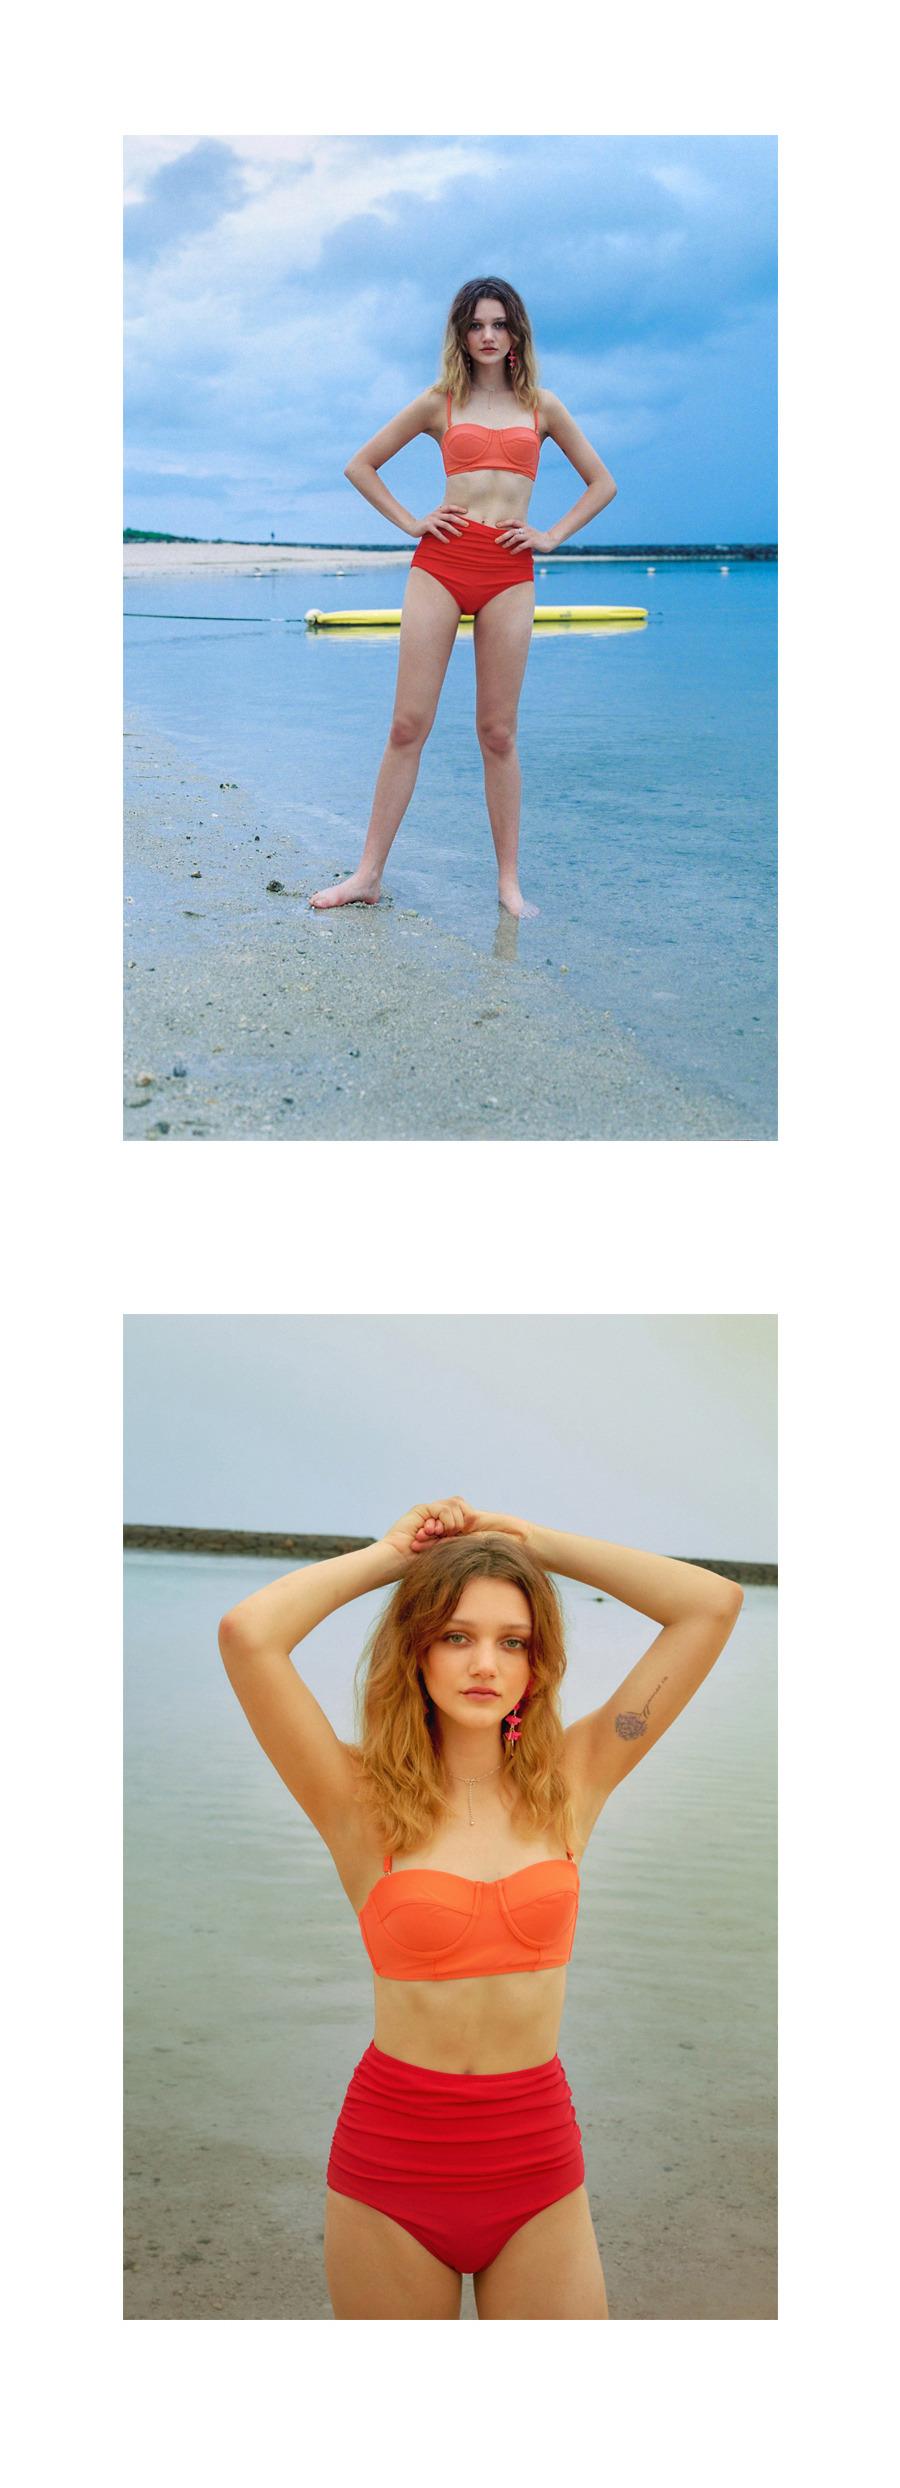 레이브(RAIVE) Colorful High-Waist Bikini Bottom (Navy)_VW8MX0960